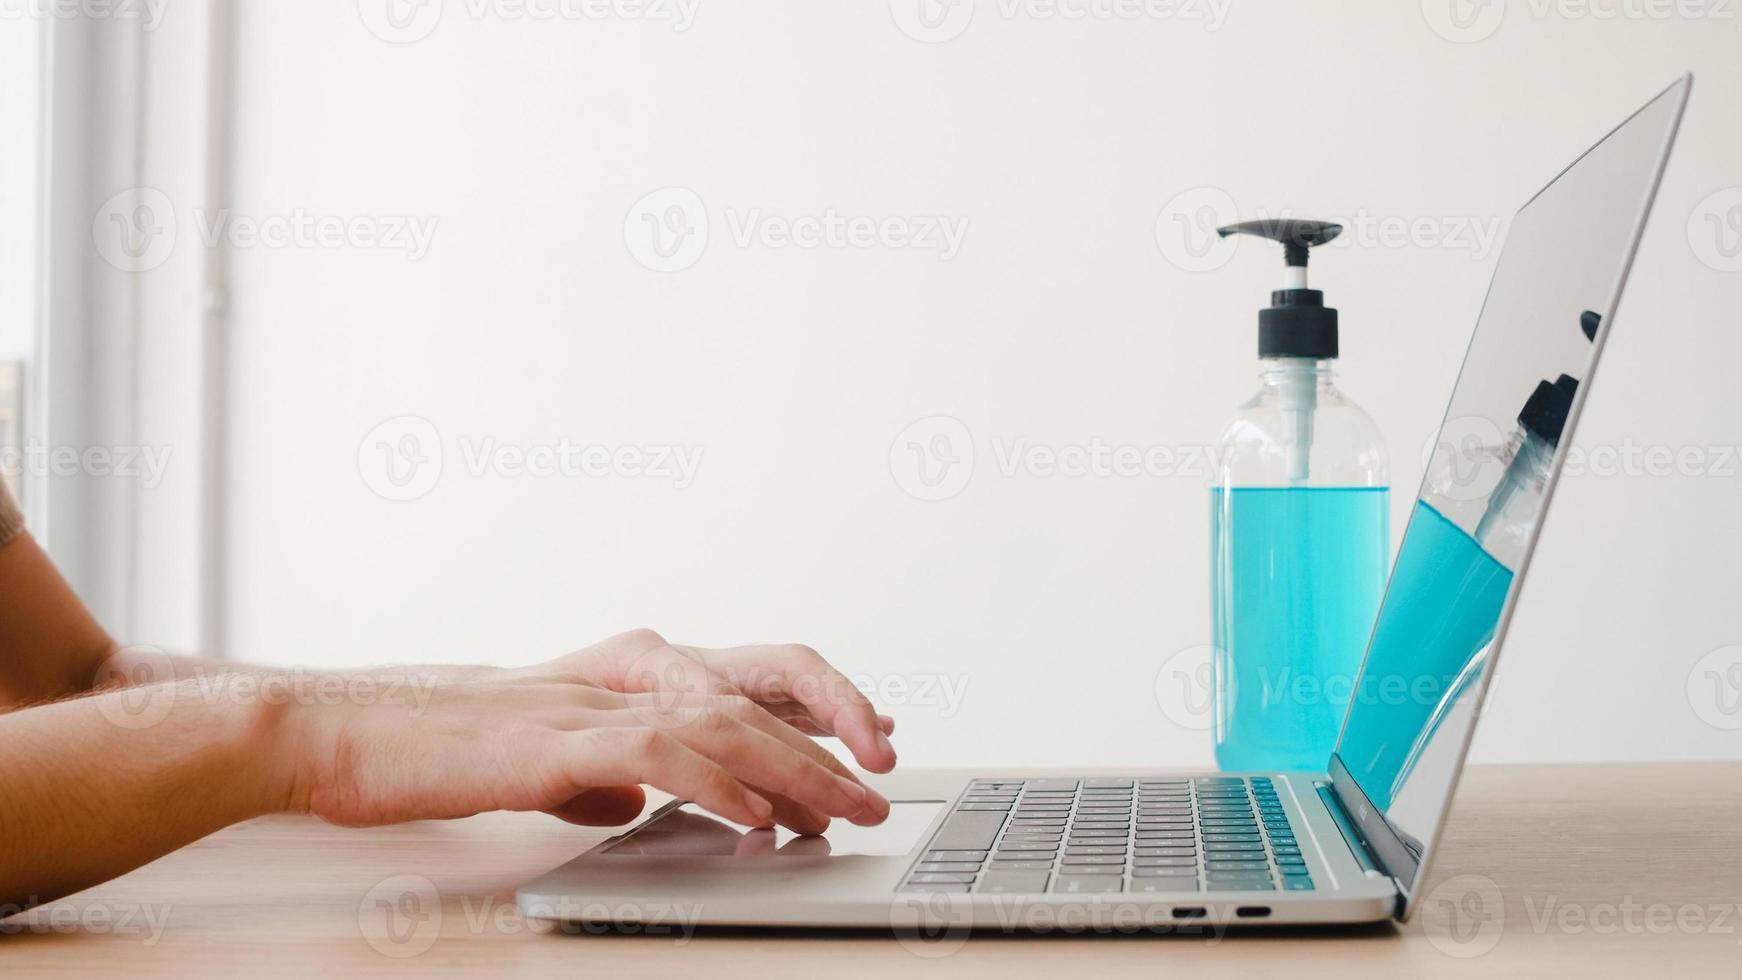 asiatisk kvinna som använder alkohol gel desinfektionsmedel tvätta händerna före arbete på bärbar dator för att skydda coronaviruset. kvinnor pressar alkohol för att städa för hygien när social distans stannar hemma och självkarantän. foto